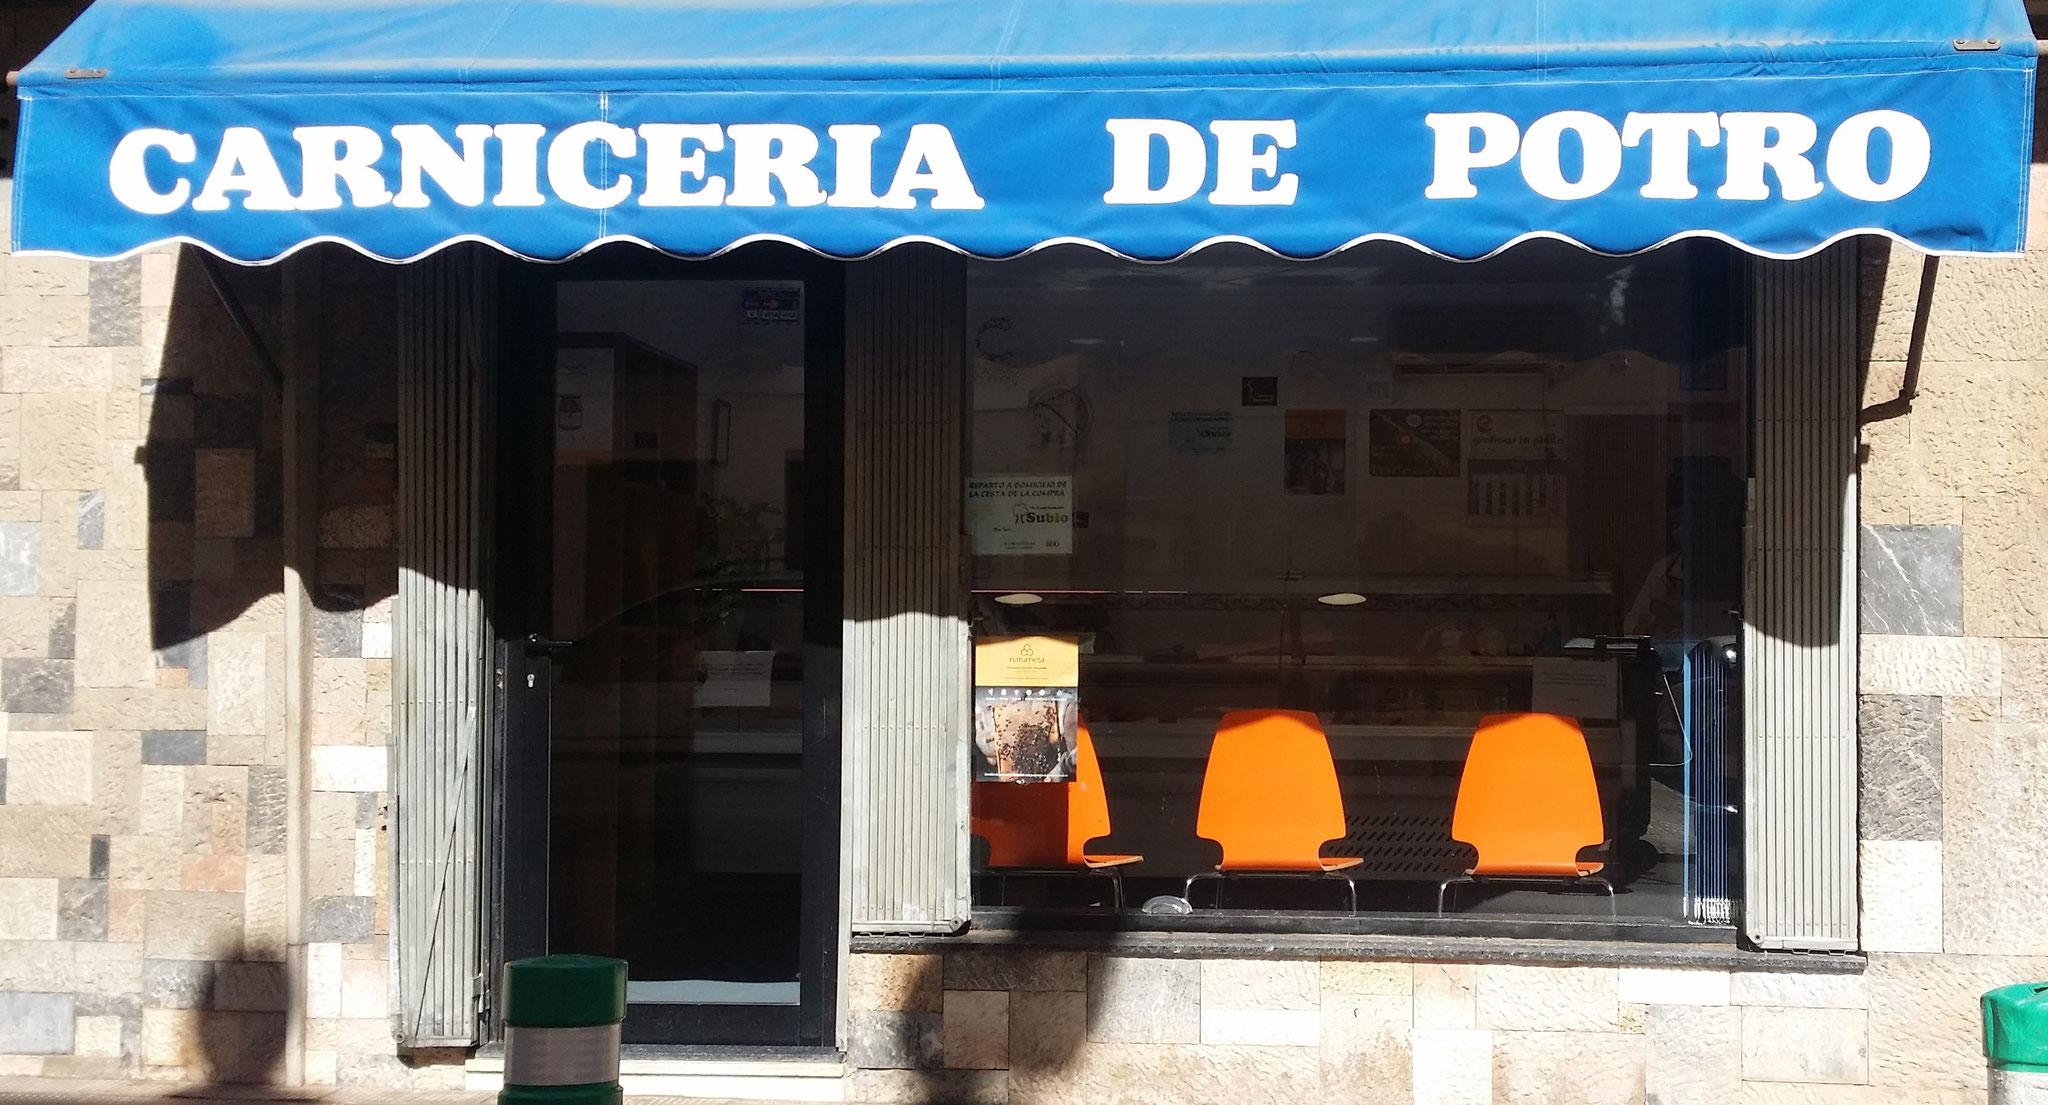 <b>Carnicería Toni</b><br>Carnicería de Potro